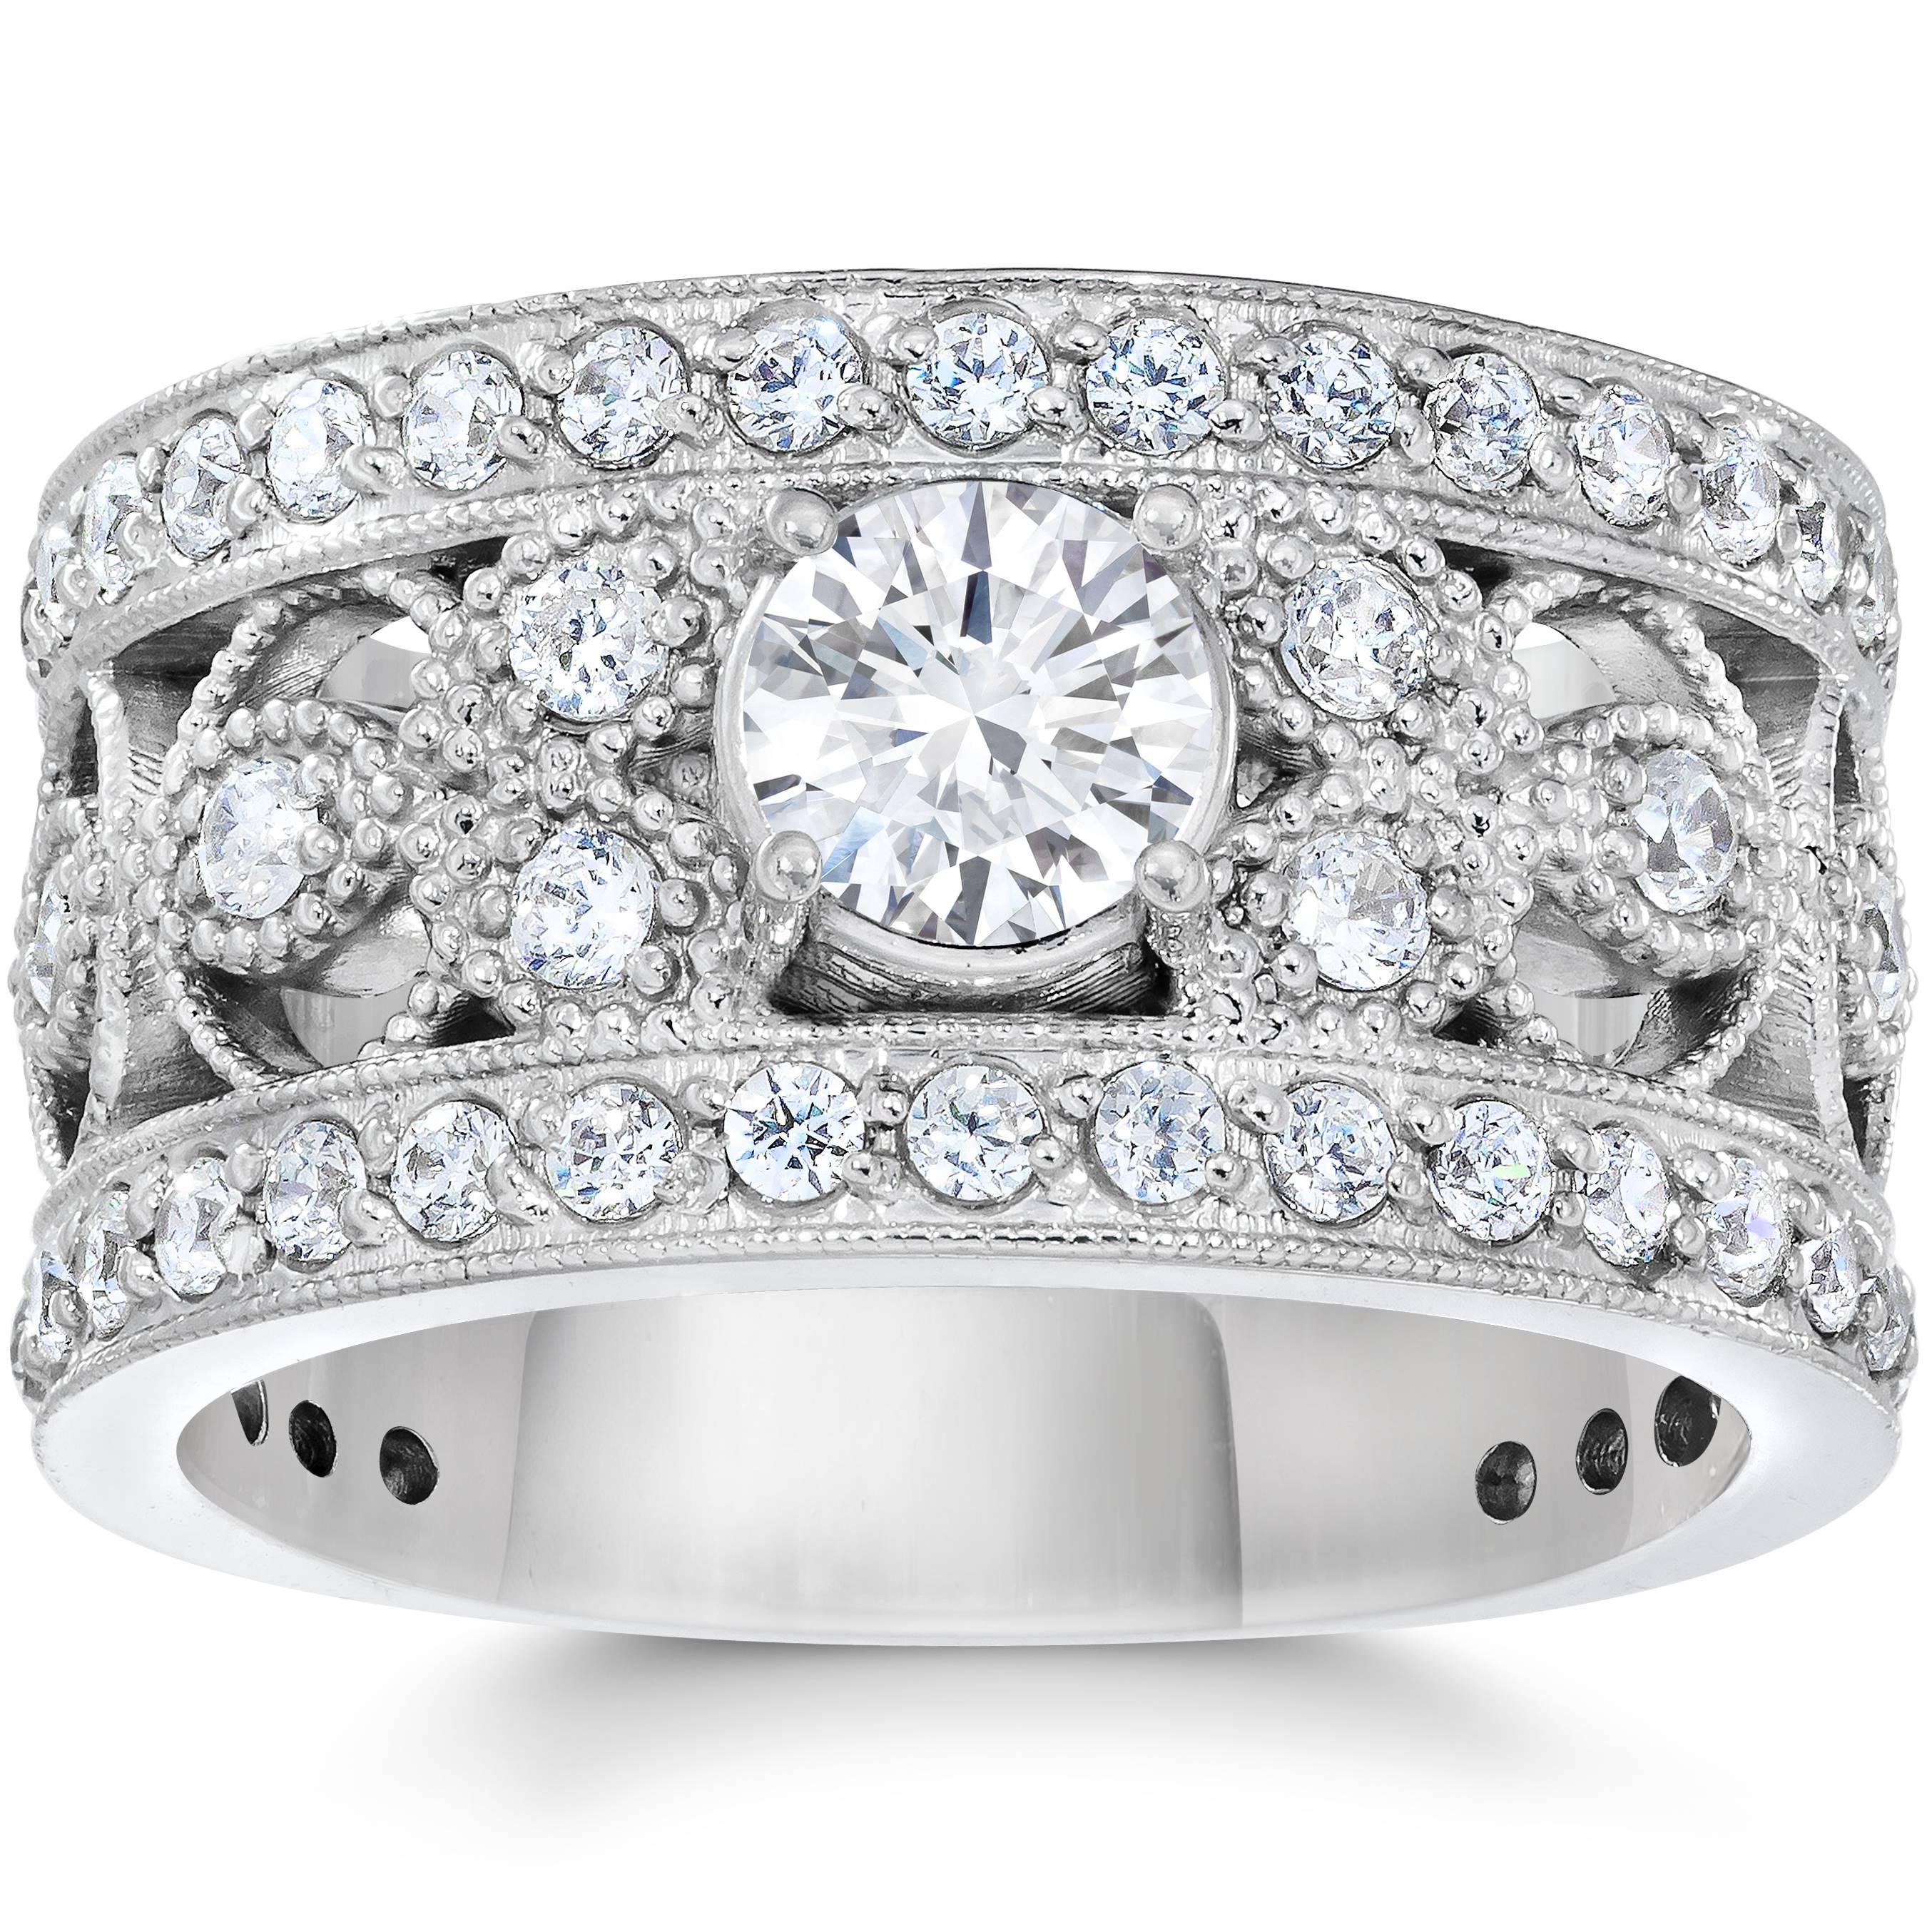 1 5 8 carat vintage real engagement ring 10k white